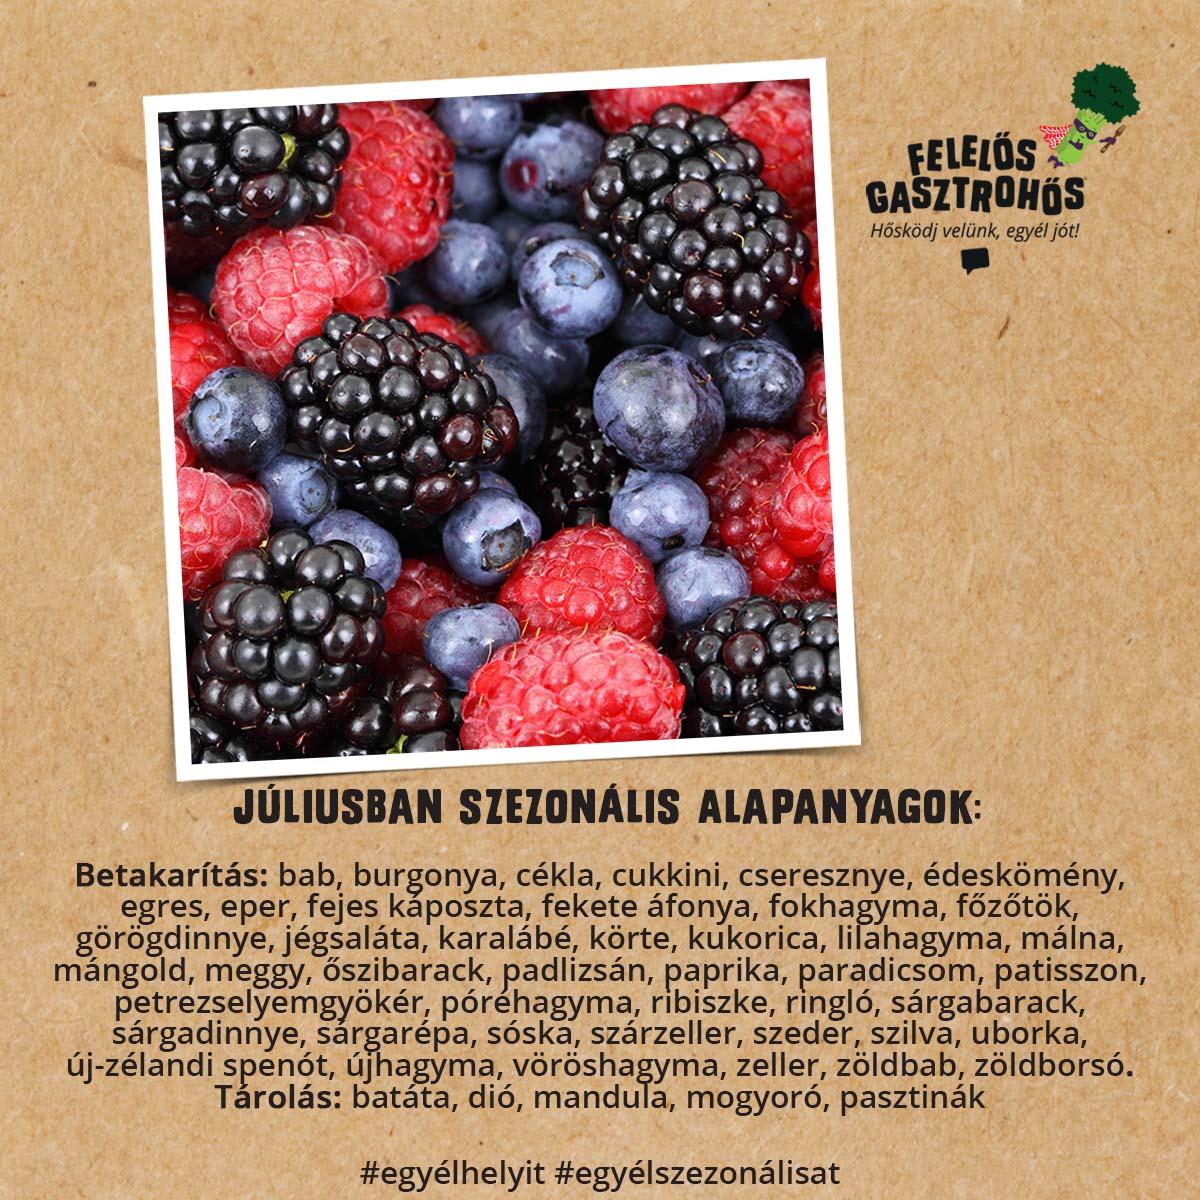 Júliusi szezonális receptek